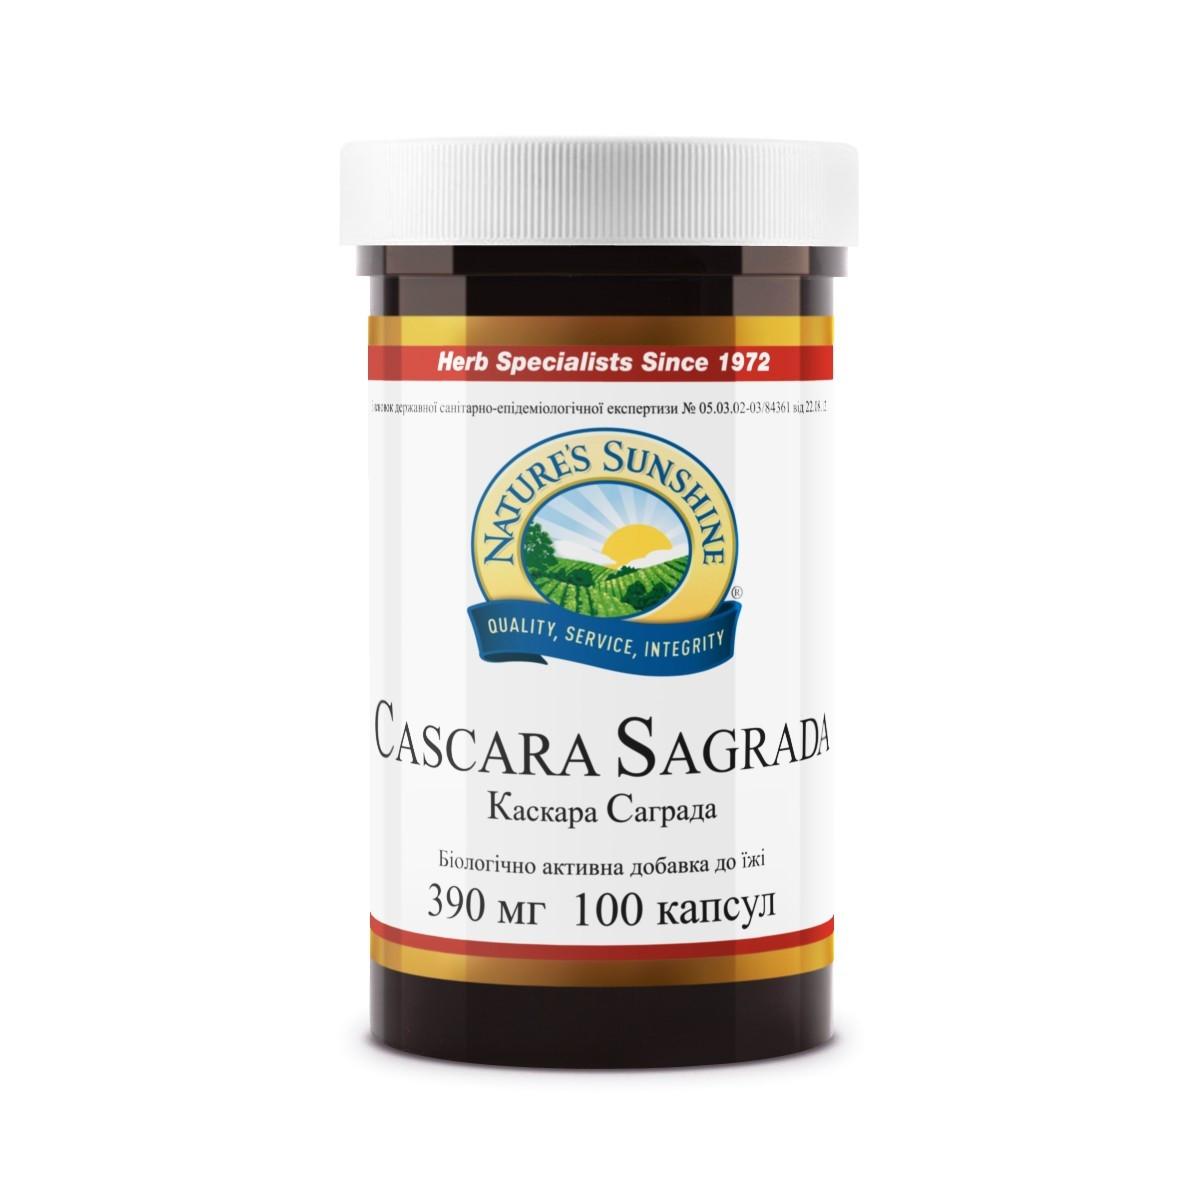 Casсara Sagrada NSP, Каскара Саграда НСП, США. Продукт для здоровой работы кишечника